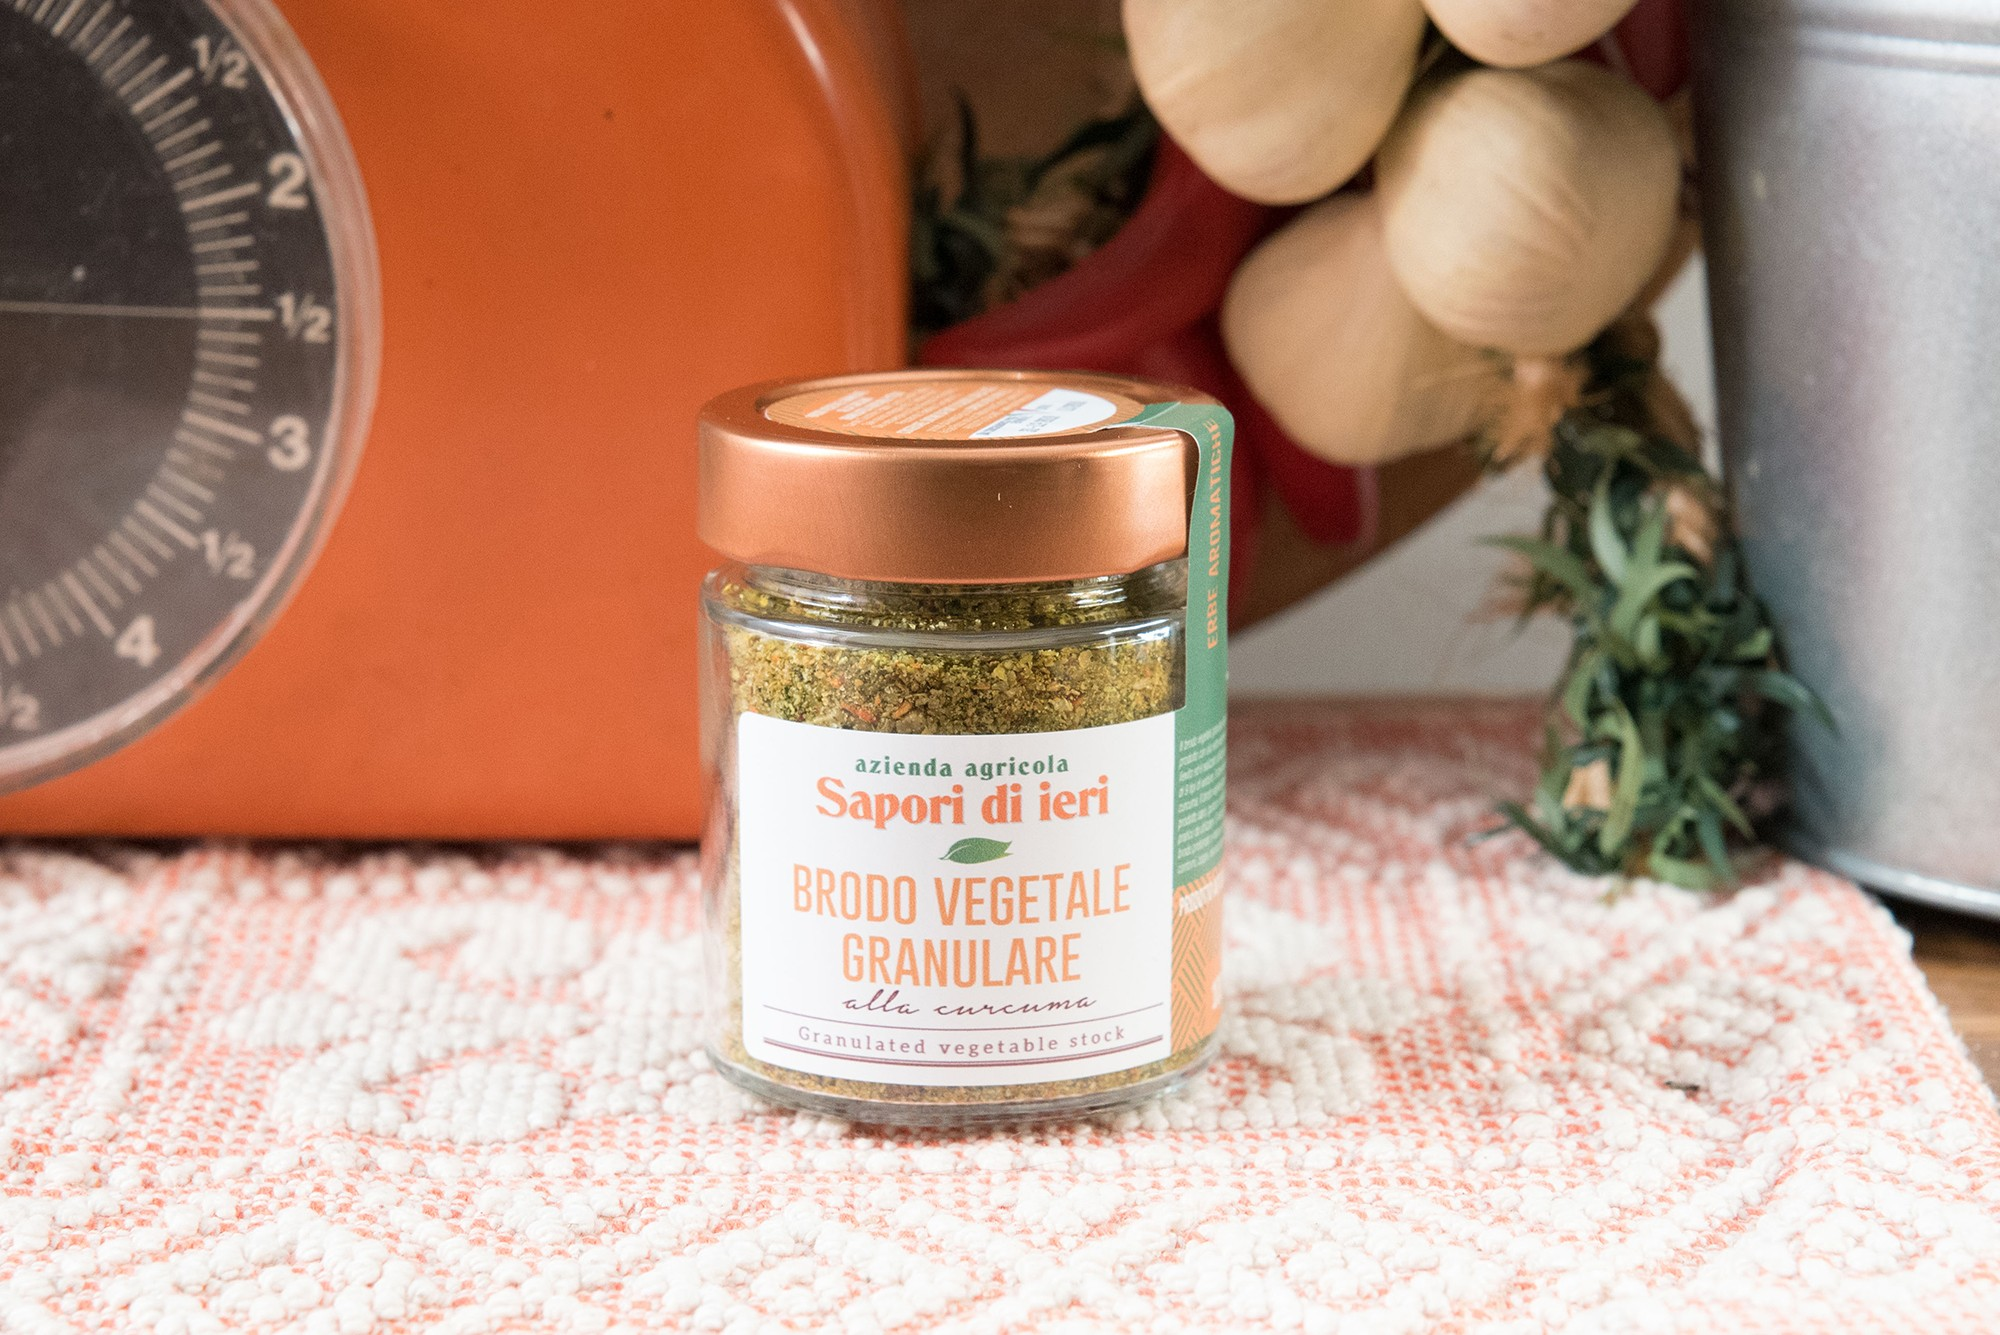 Brodo vegetale granulare alla curcuma da 100 gr - Sapori di Ieri